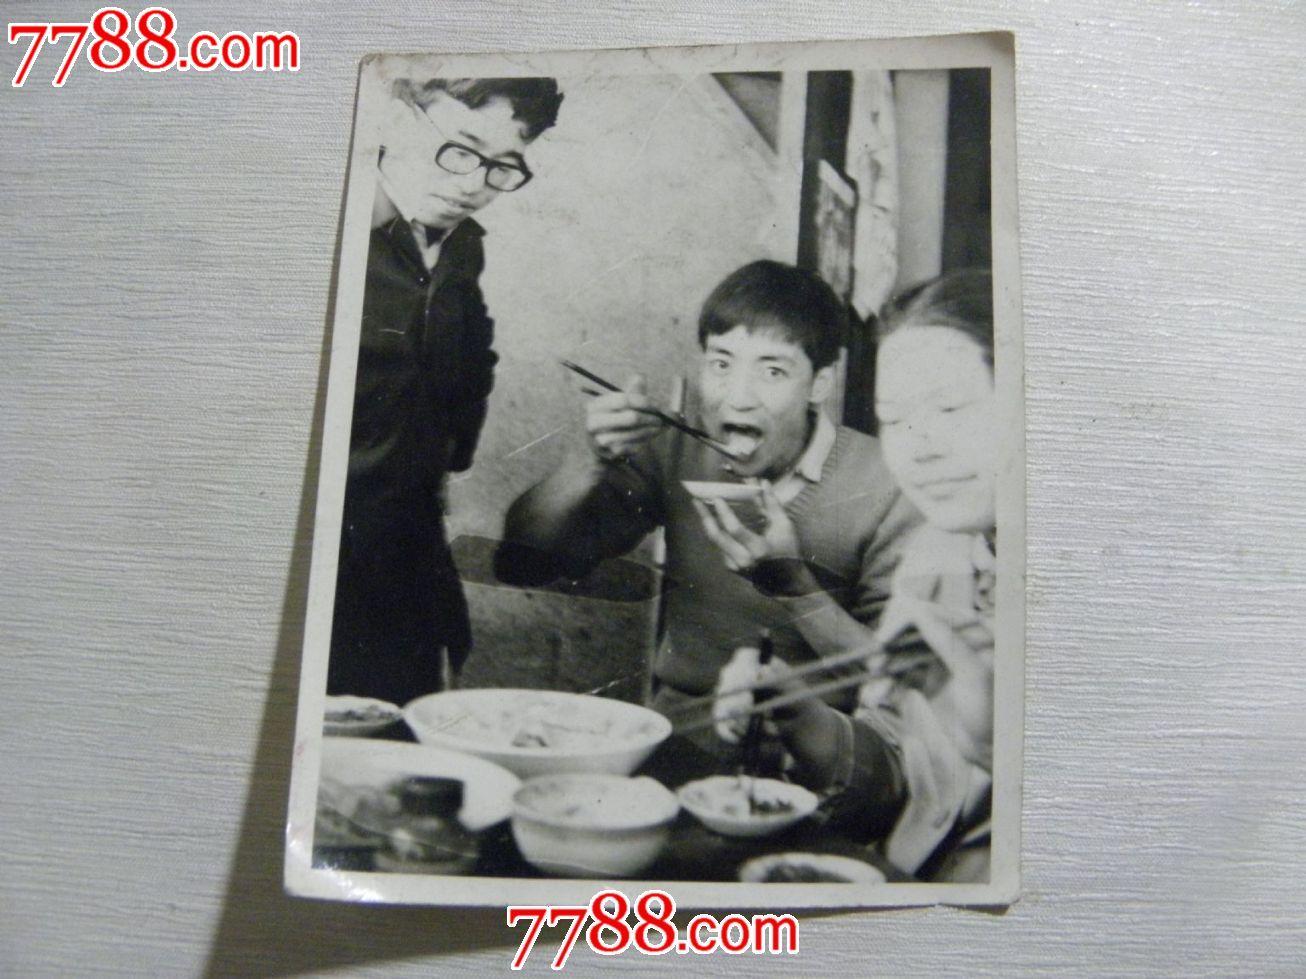 之乐 一家 人吃饭,老照片 小型合影照片,老图片